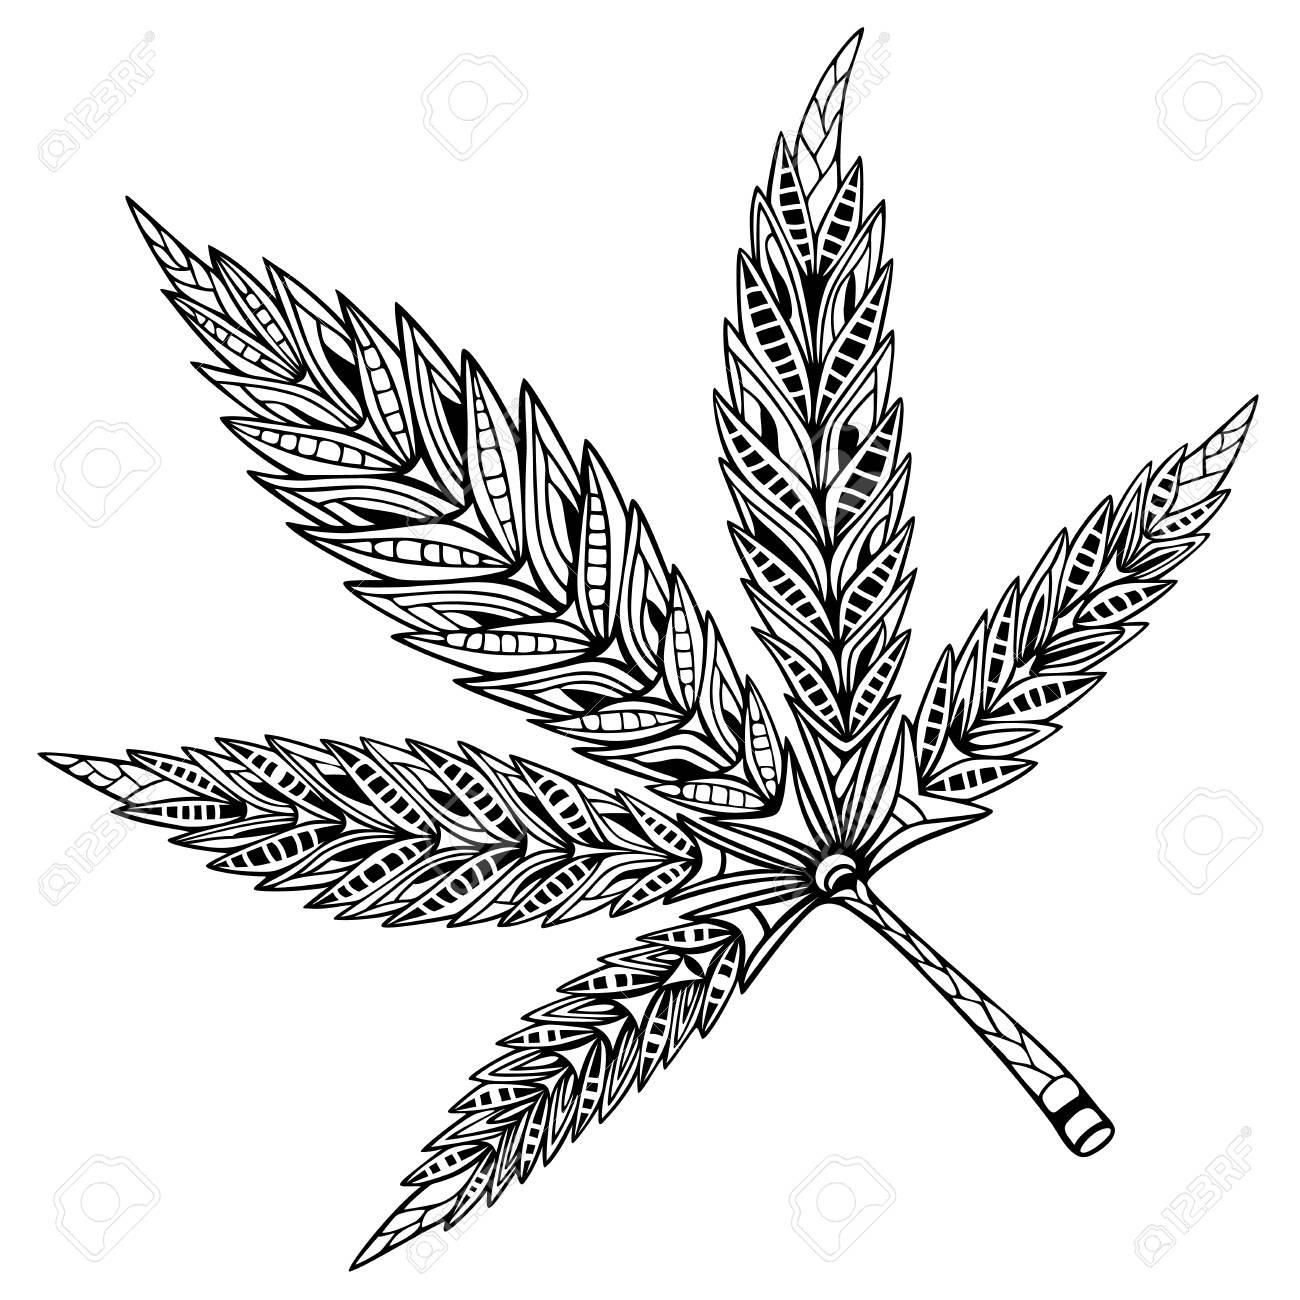 Hoja De Cannabis Estilo Doodle Y Zentangle Dibujado A Mano Libro De Colorear Ilustración Vectorial